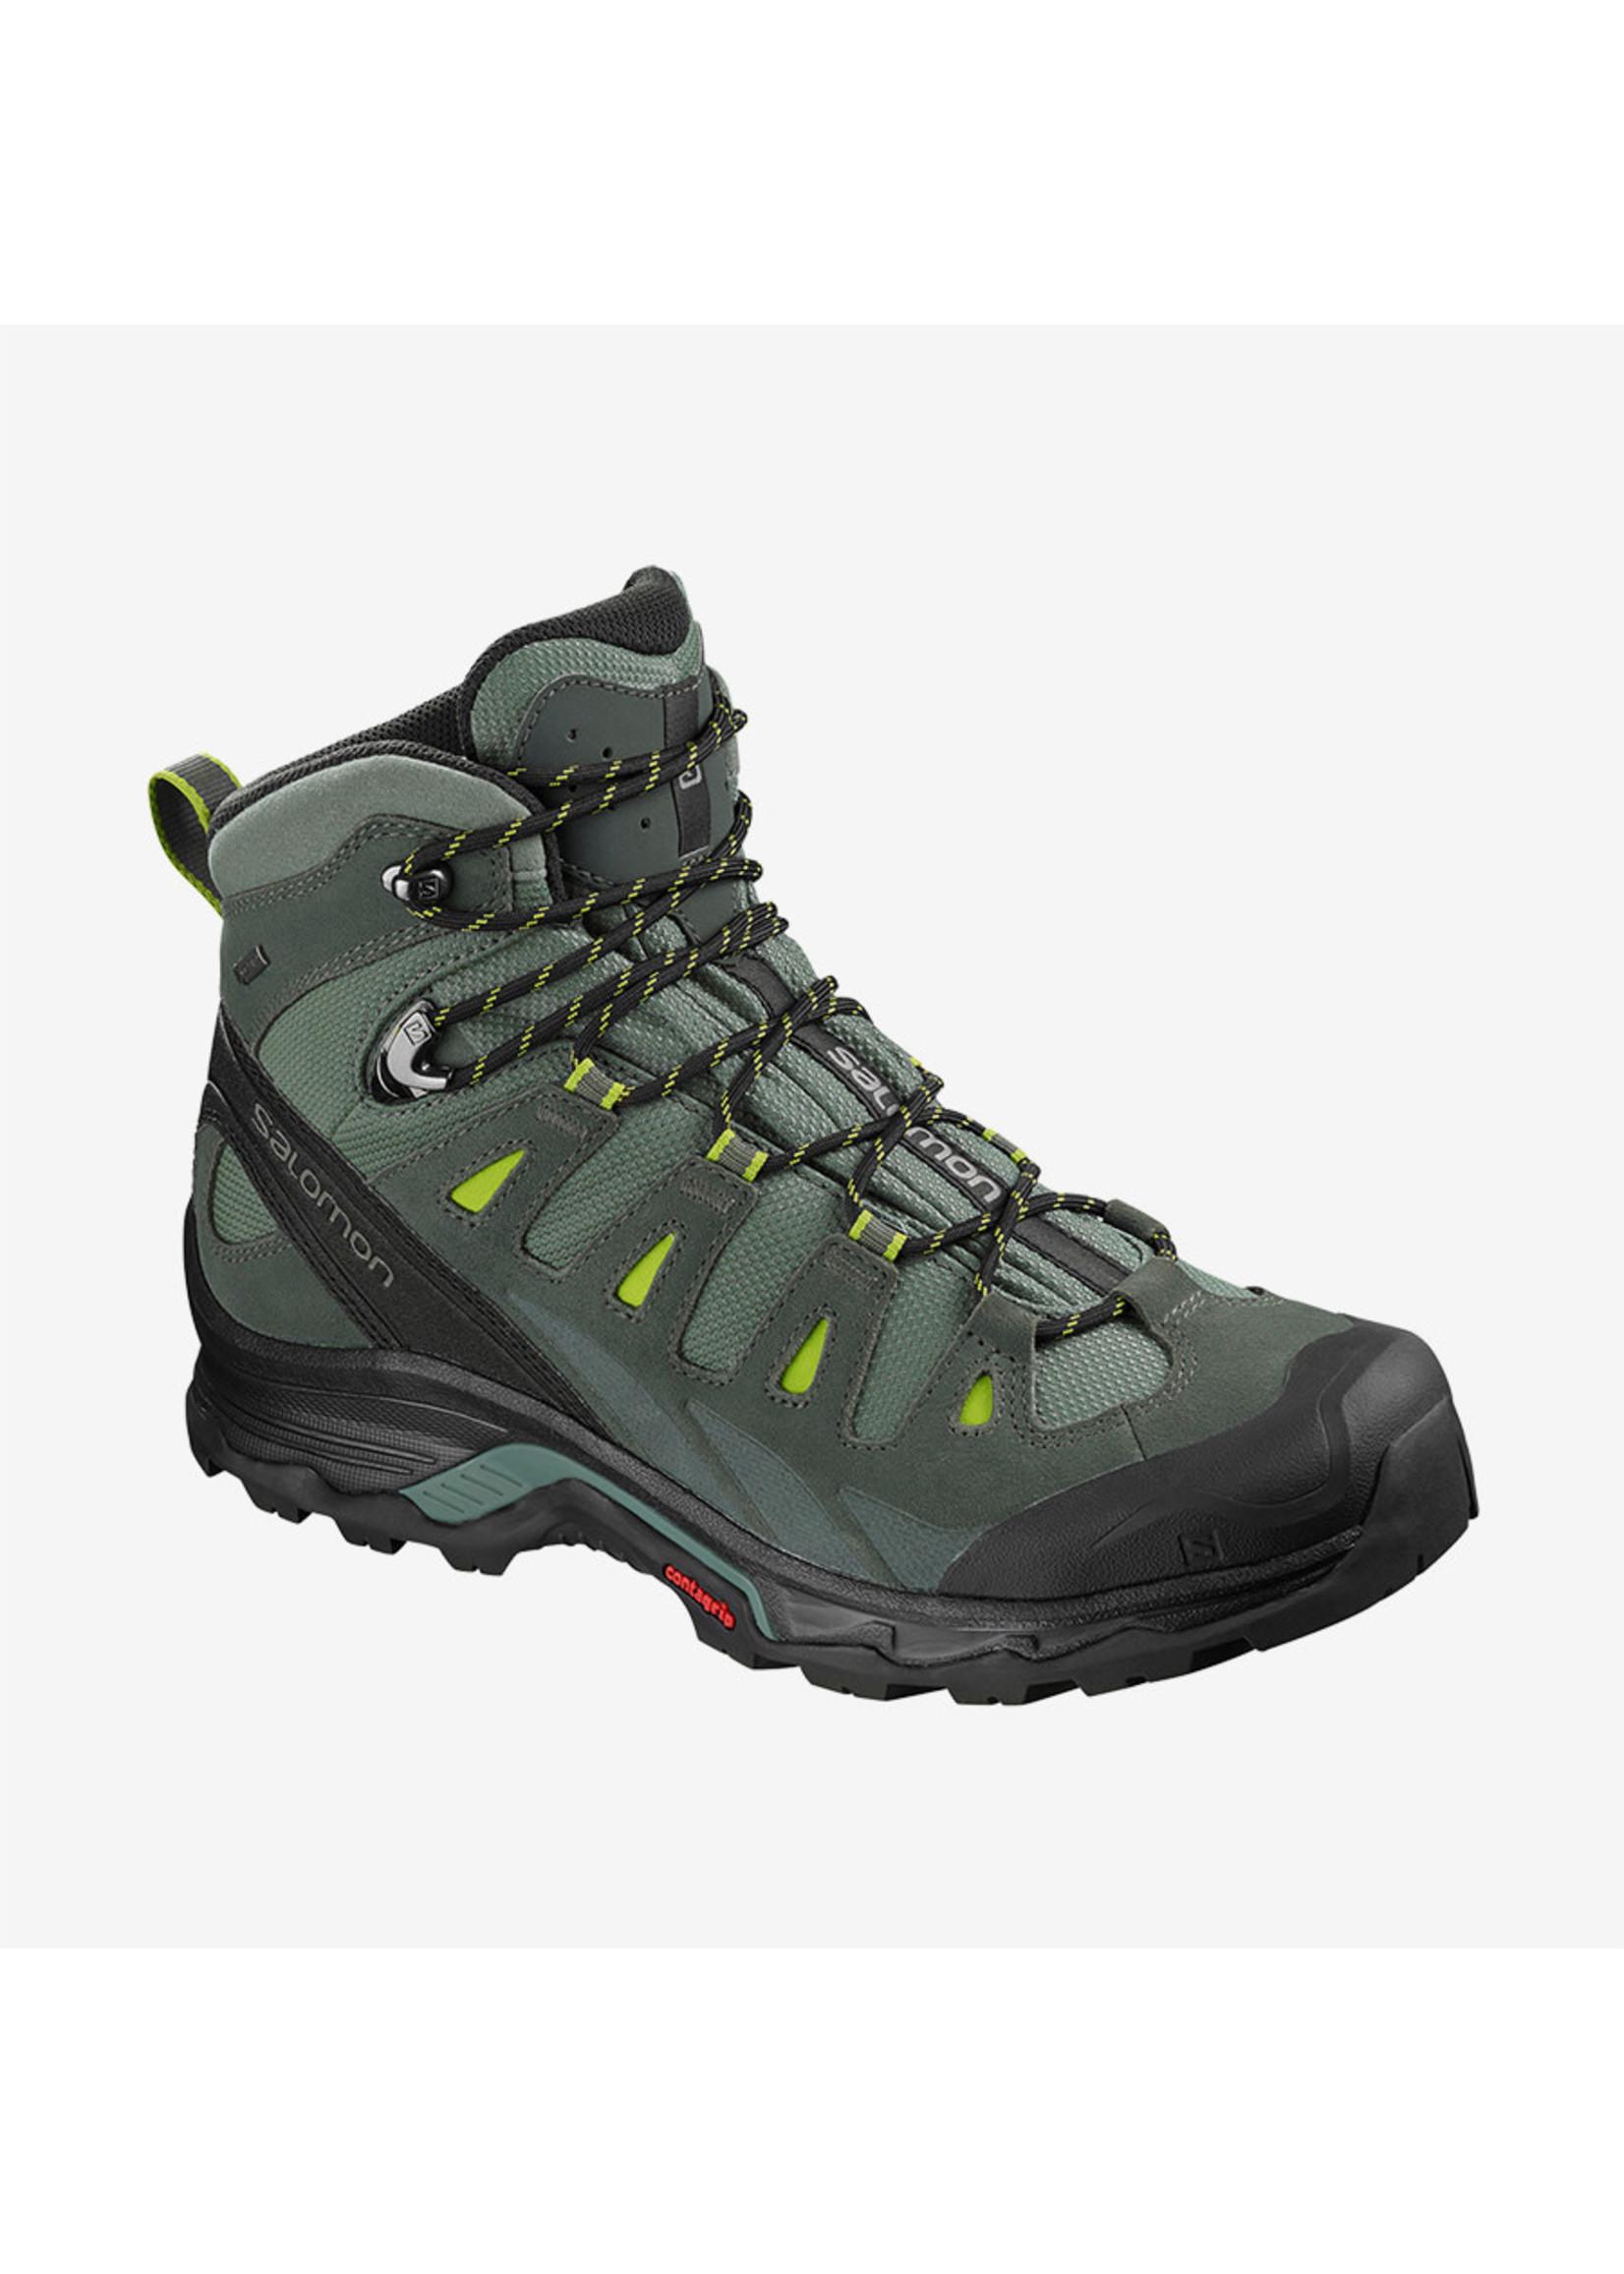 Salomon Salomon Quest Prime GTX Mens Boots (2019)